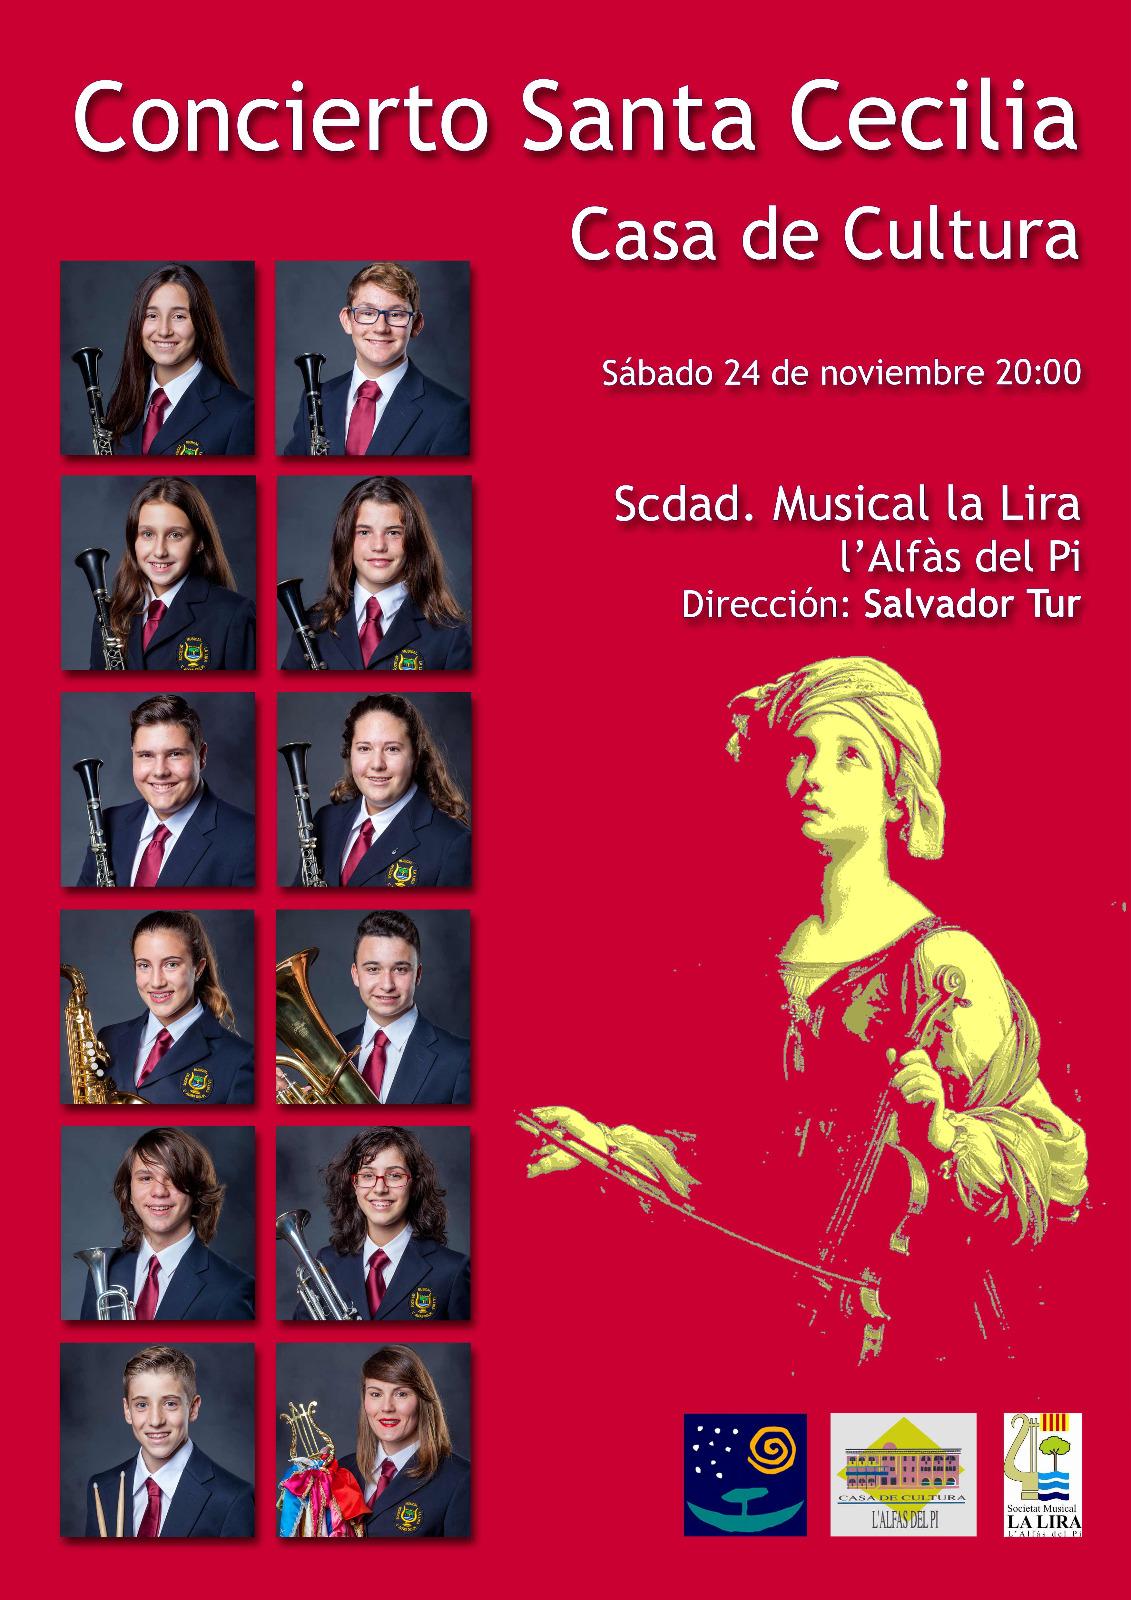 Una docena de jóvenes se incorporan a la La Lira este sábado en el concierto de Santa Cecilia